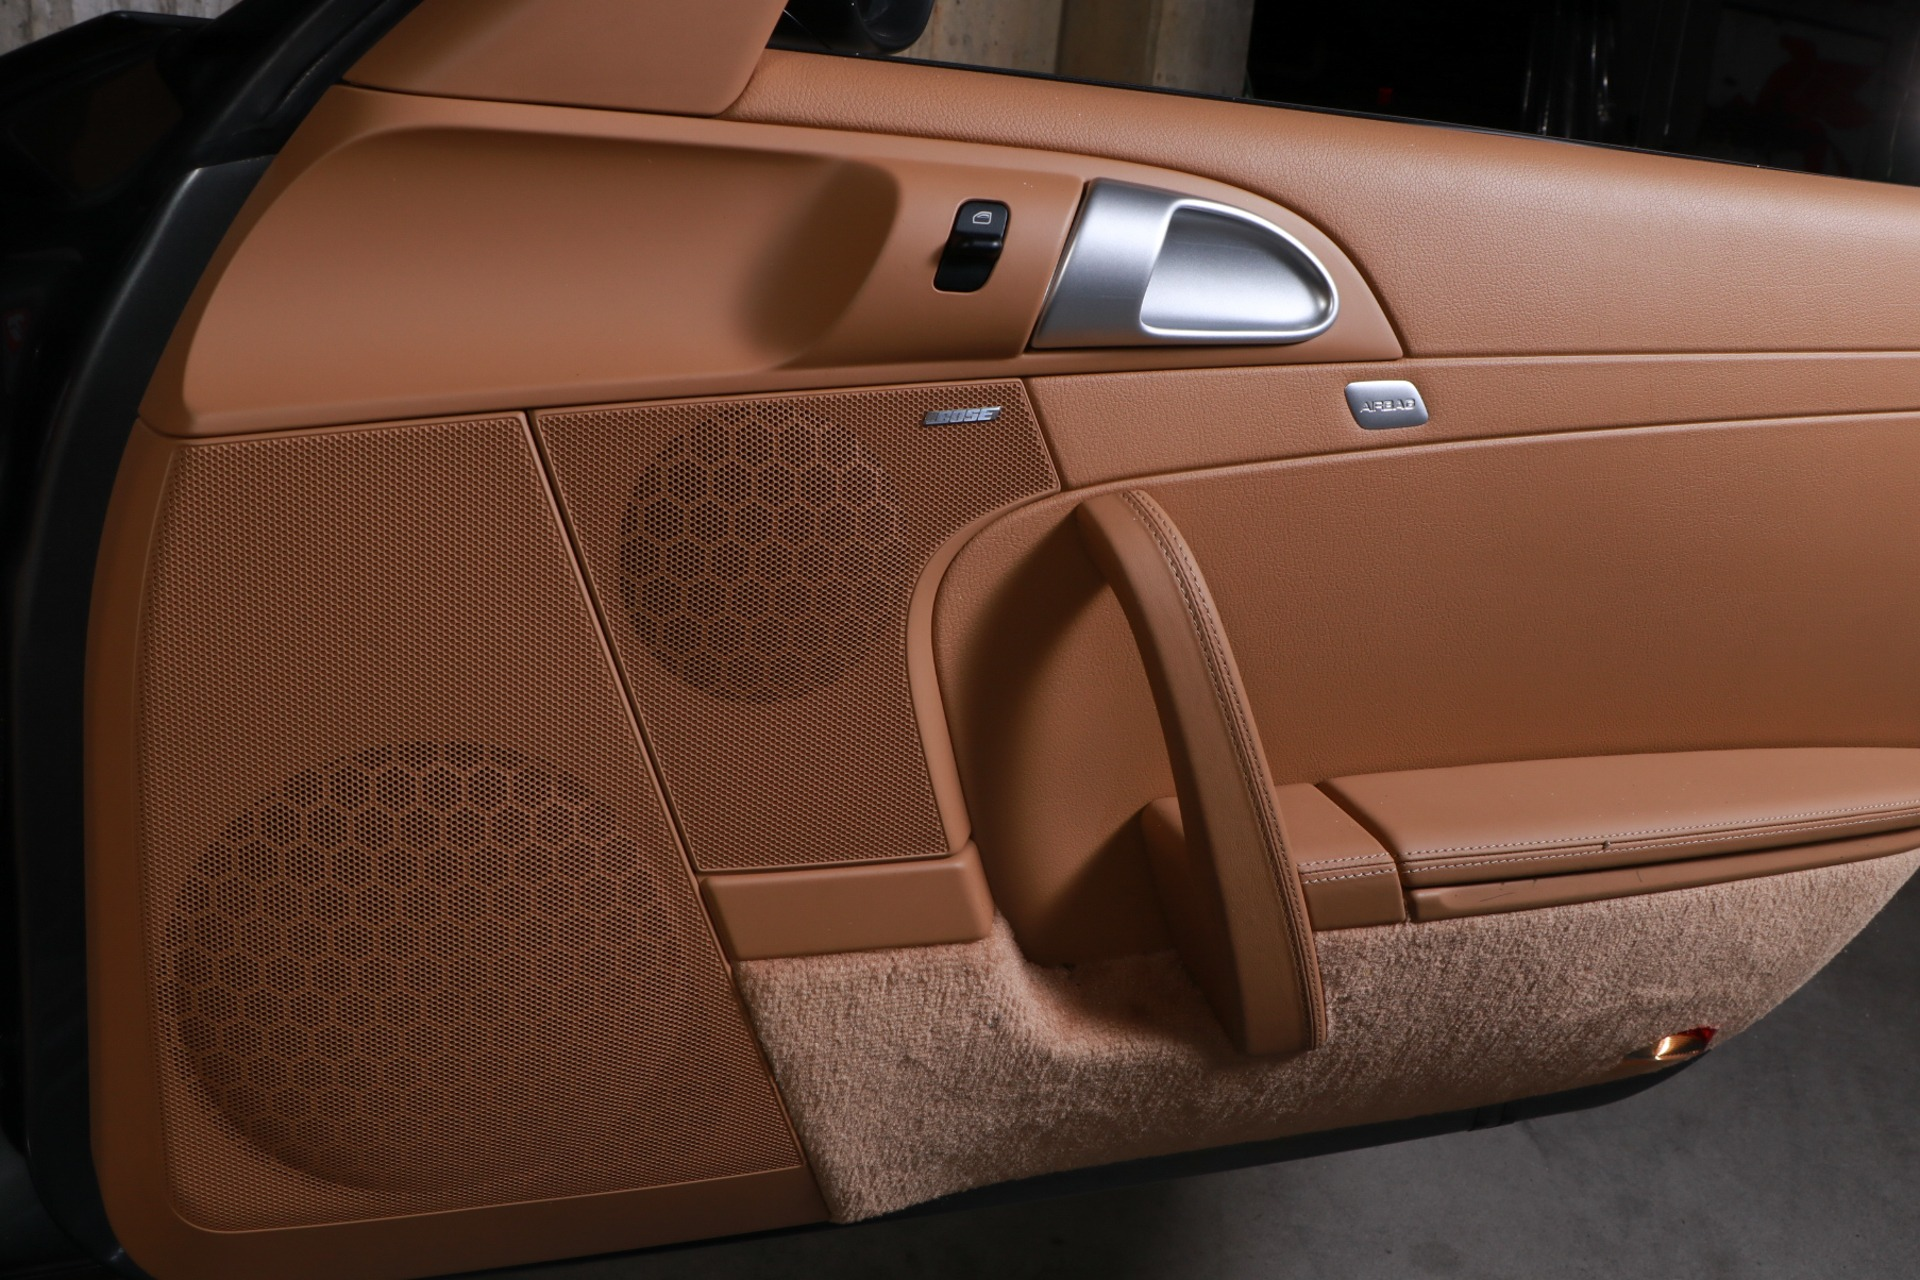 Used 2008 Porsche 911 Carrera | Glen Cove, NY